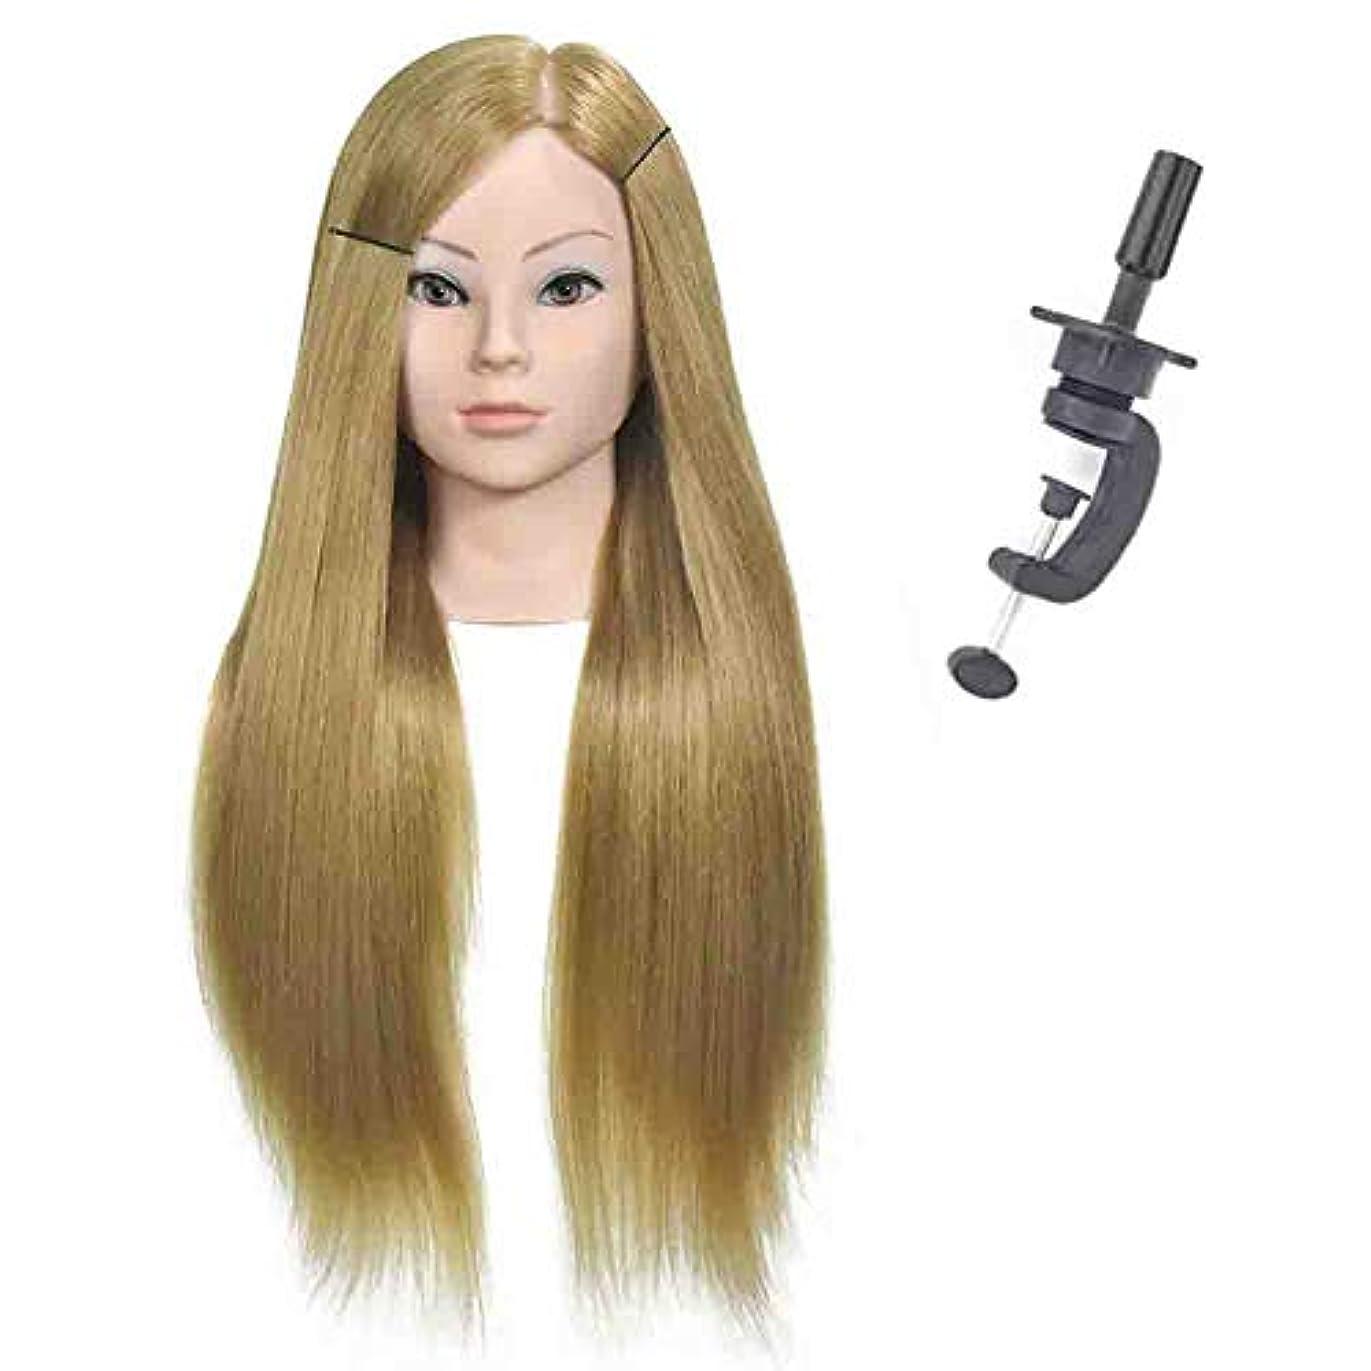 せがむ合図ステージ花嫁メイクモデリング教育ヘッド本物の人物ヘアダミーヘッドモデル理髪店学習パーマ髪染めモデルヘッド